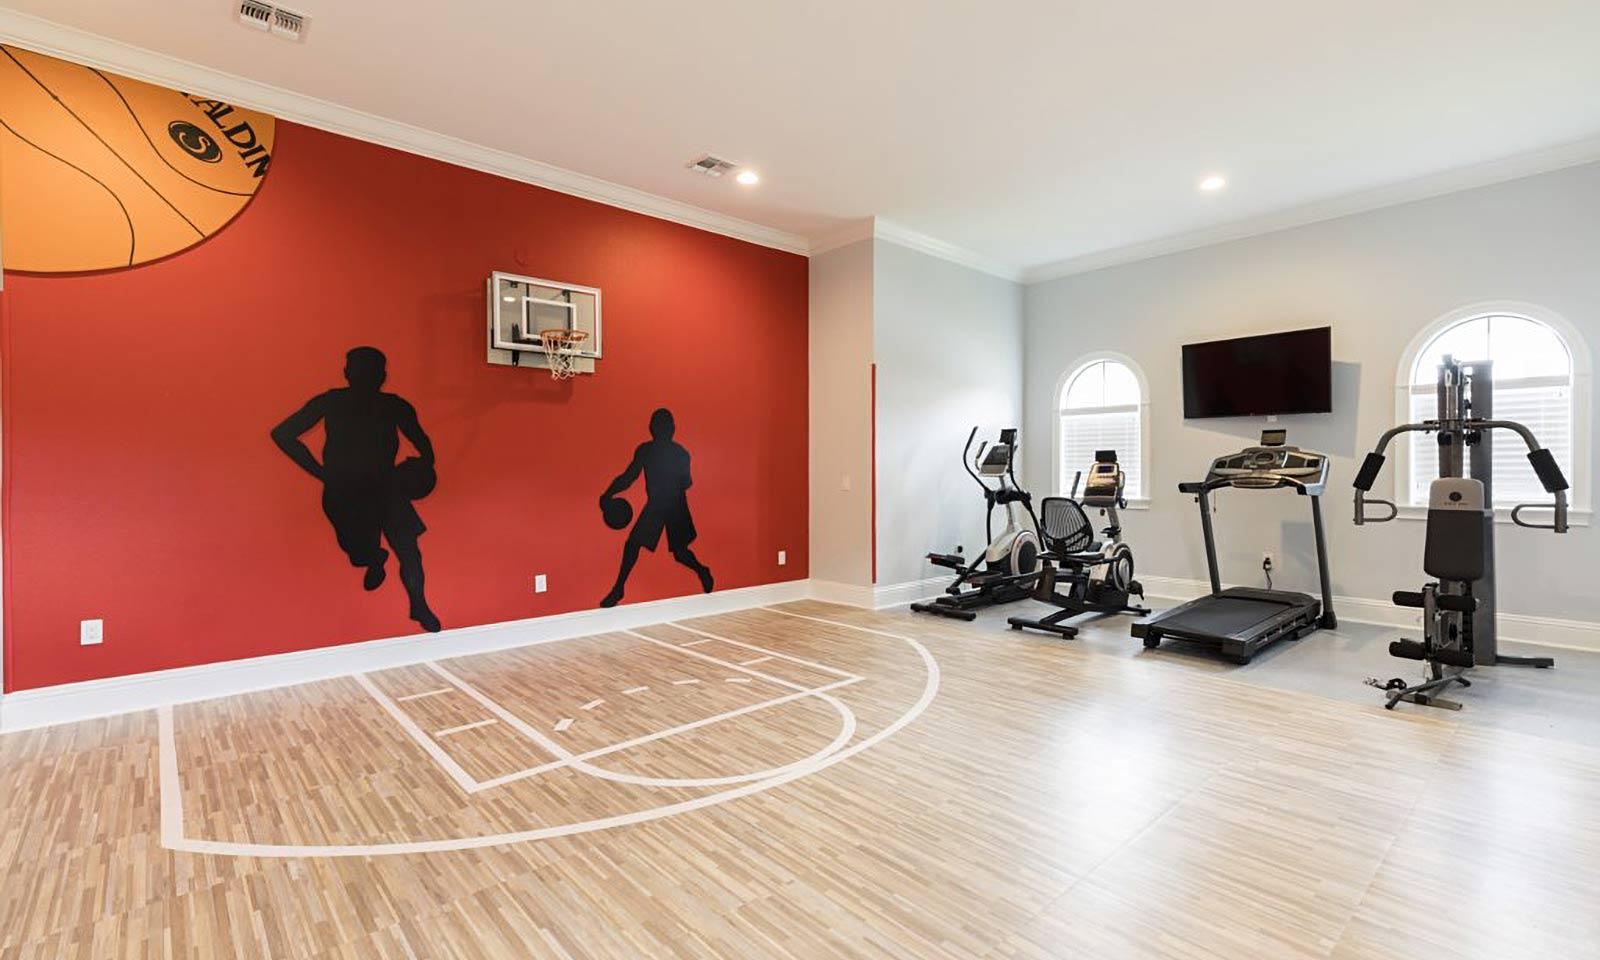 [amenities:Basketball-Court-and-Gym:2] Basketball Court and Gym